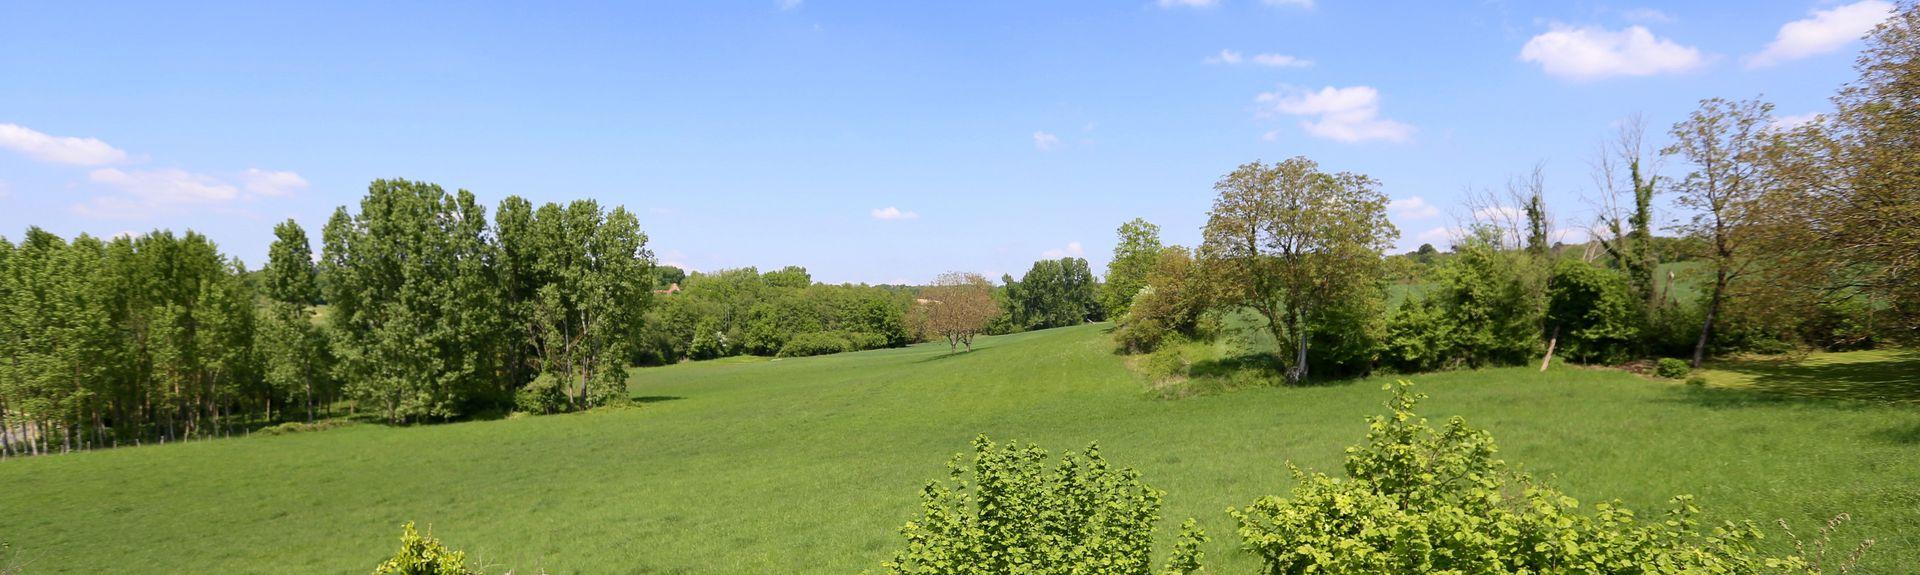 Saint-Étienne-de-Puycorbier, Nouvelle-Aquitaine, France